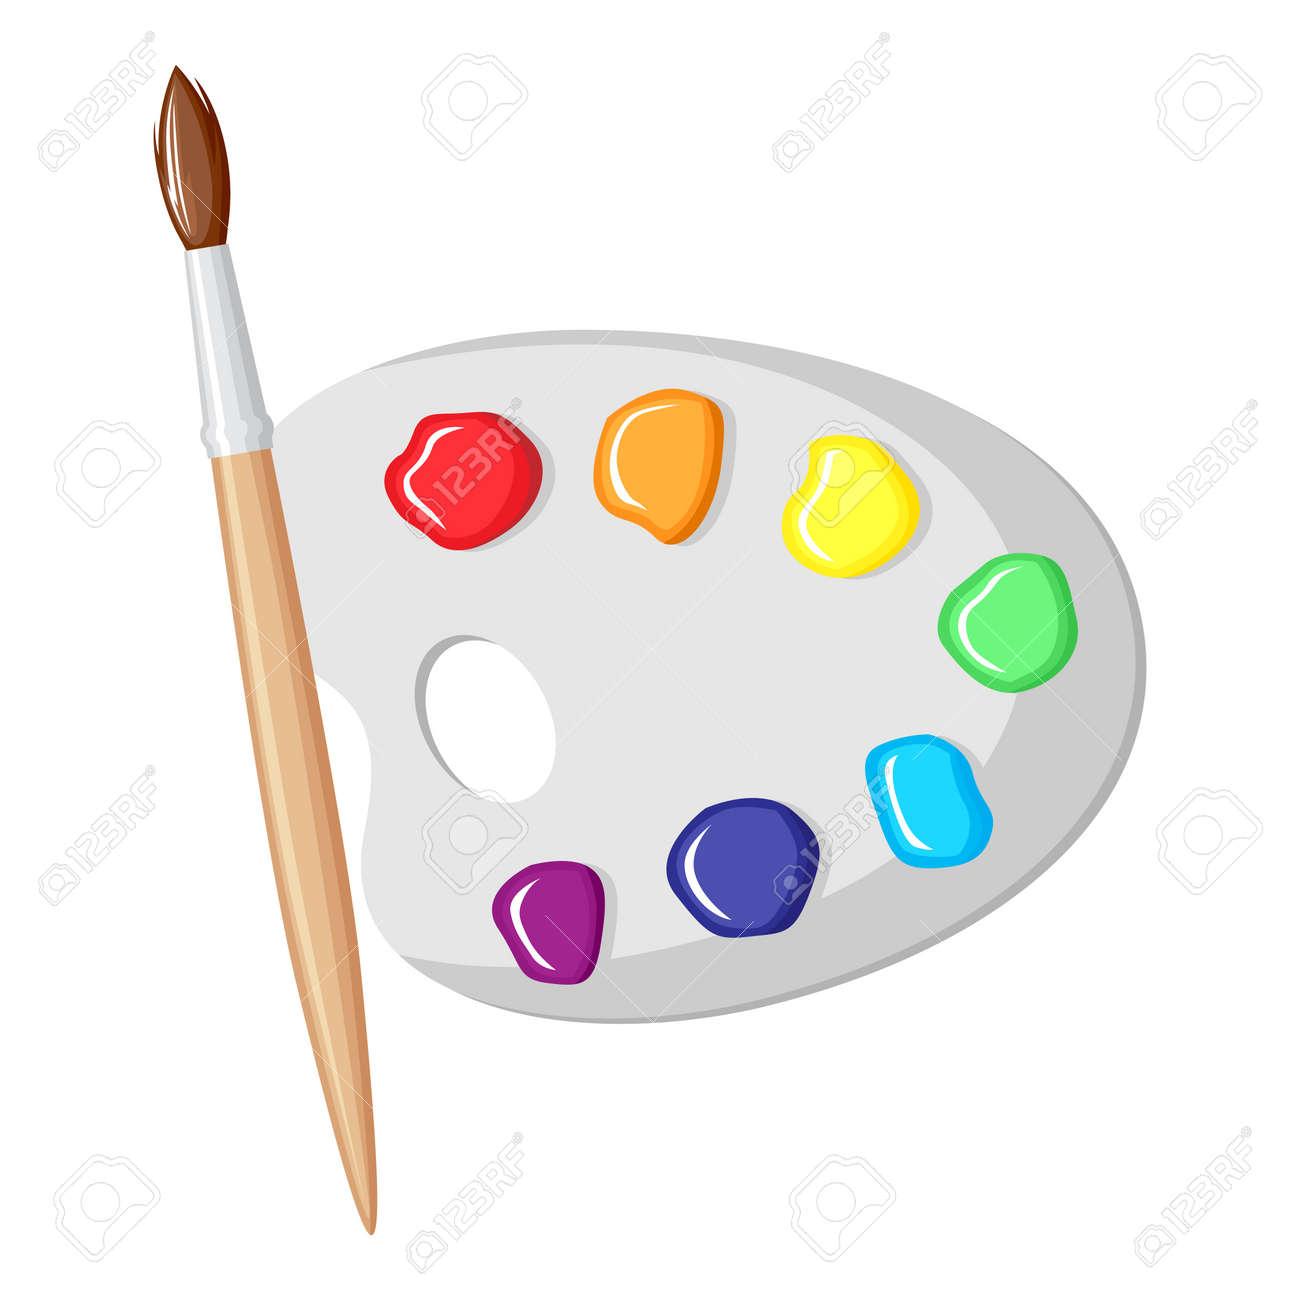 Illustrations Vectorielles De Pinceau De Dessin Animé Et Palette De Peintures Sept Couleurs Darc En Ciel